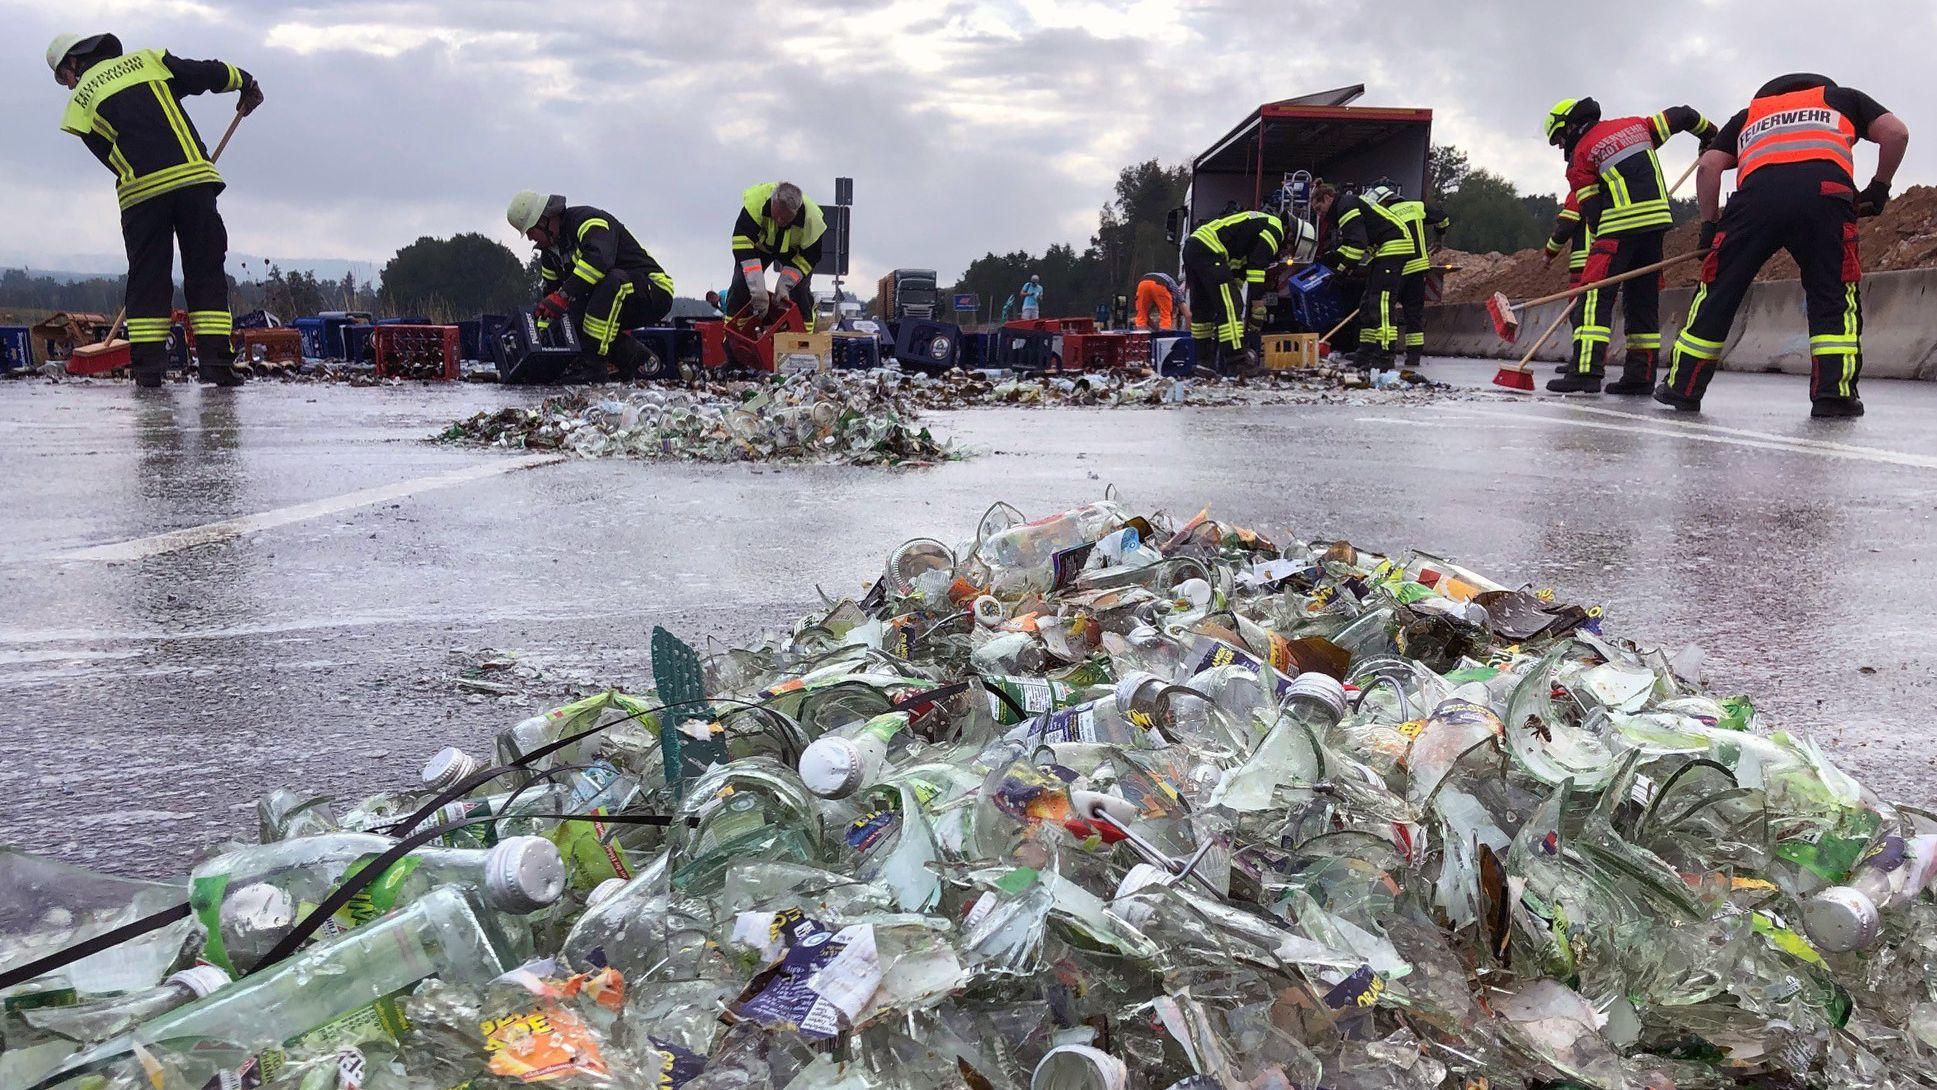 Die Einsatzkräfte der Feuerwehr benötigten fast zwei Stunden, um die Fahrbahn zu reinigen.